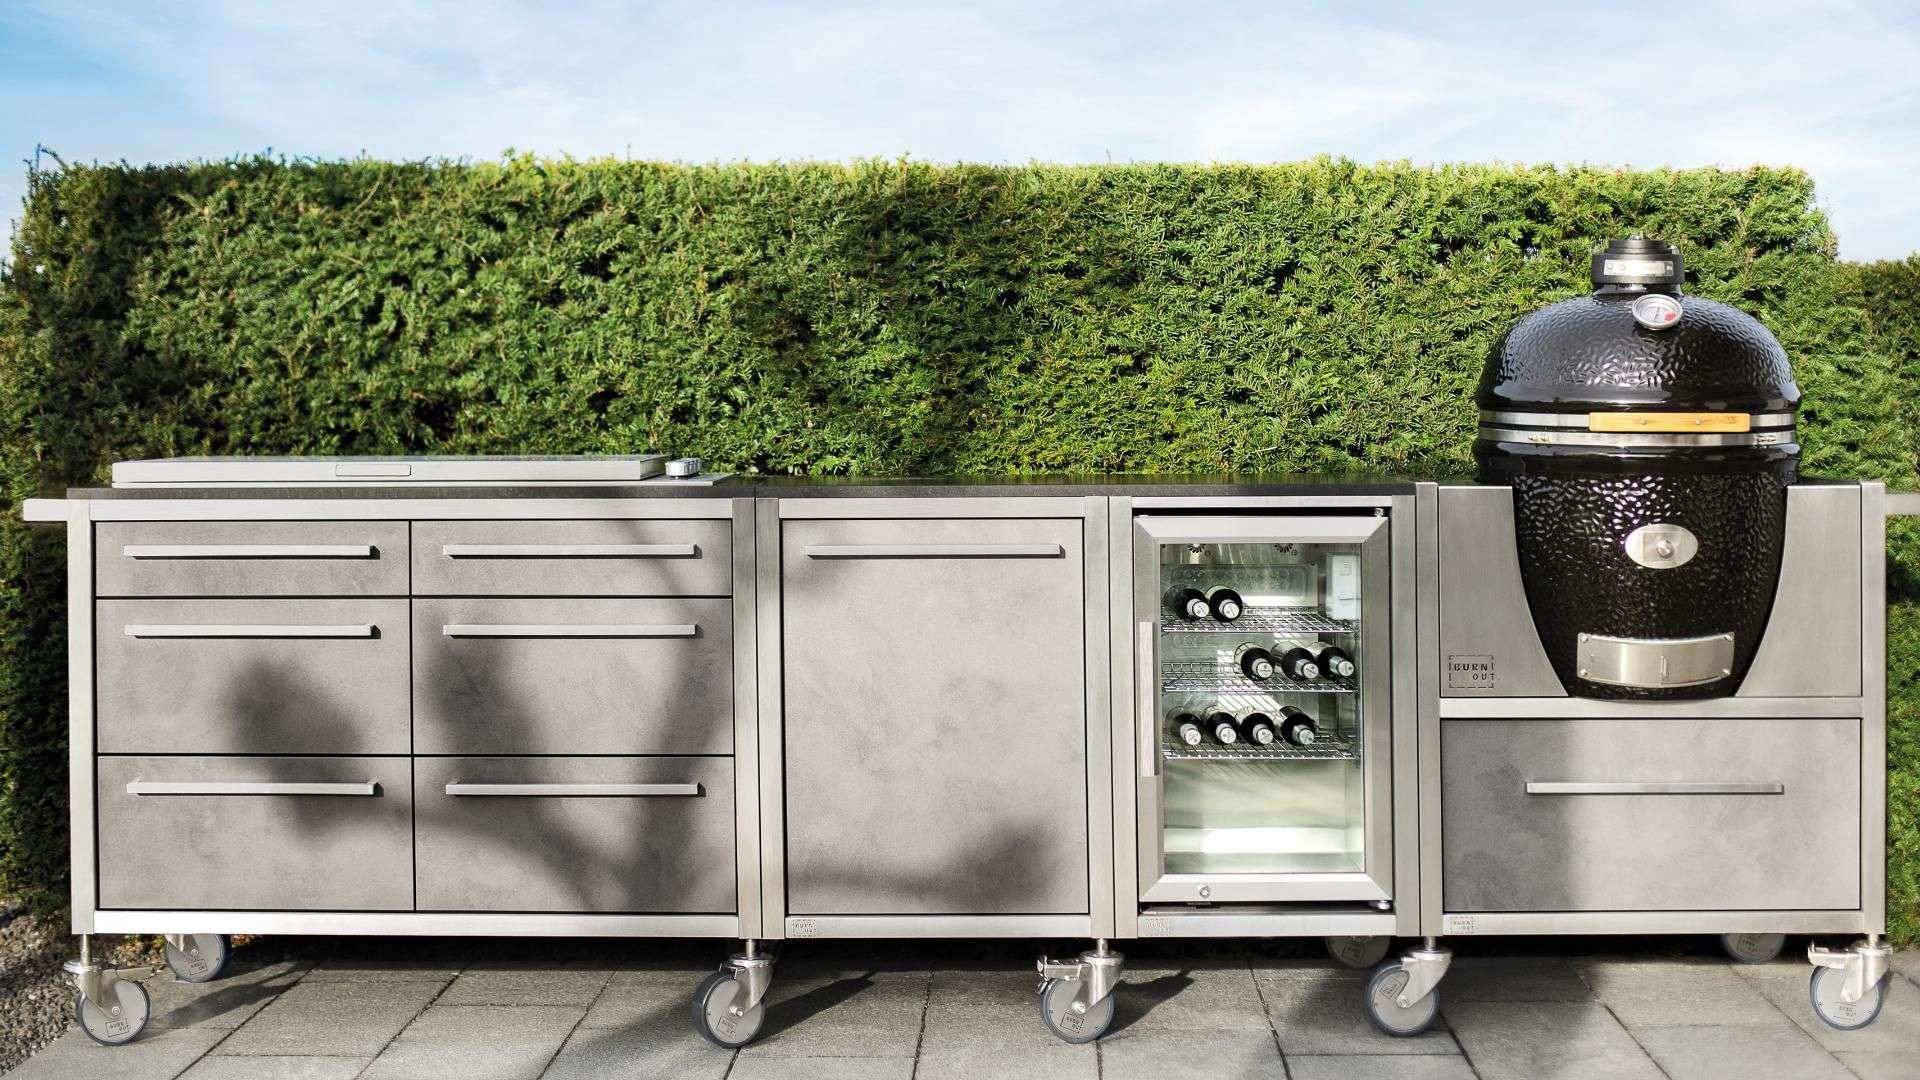 Burnout Outdoorküche mit Grill auf einer Hecke